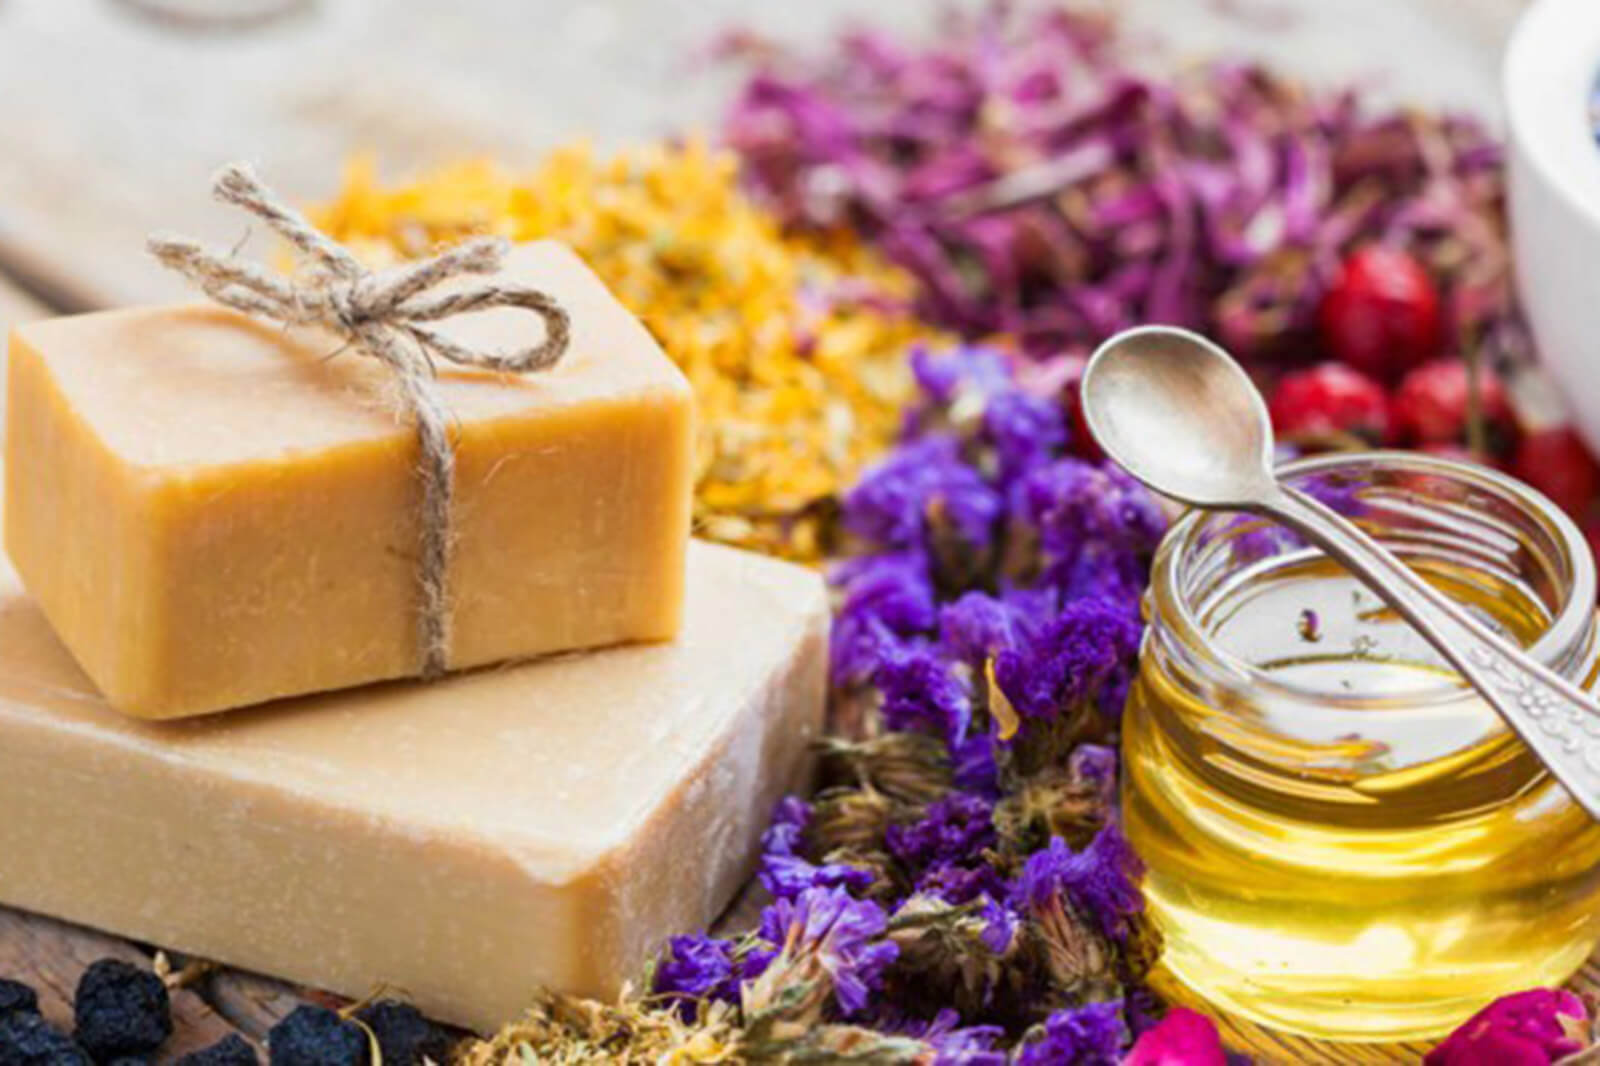 savon cosmetique sans savon savon surgras saponification à froid savon est-ce mauvais pour la peau